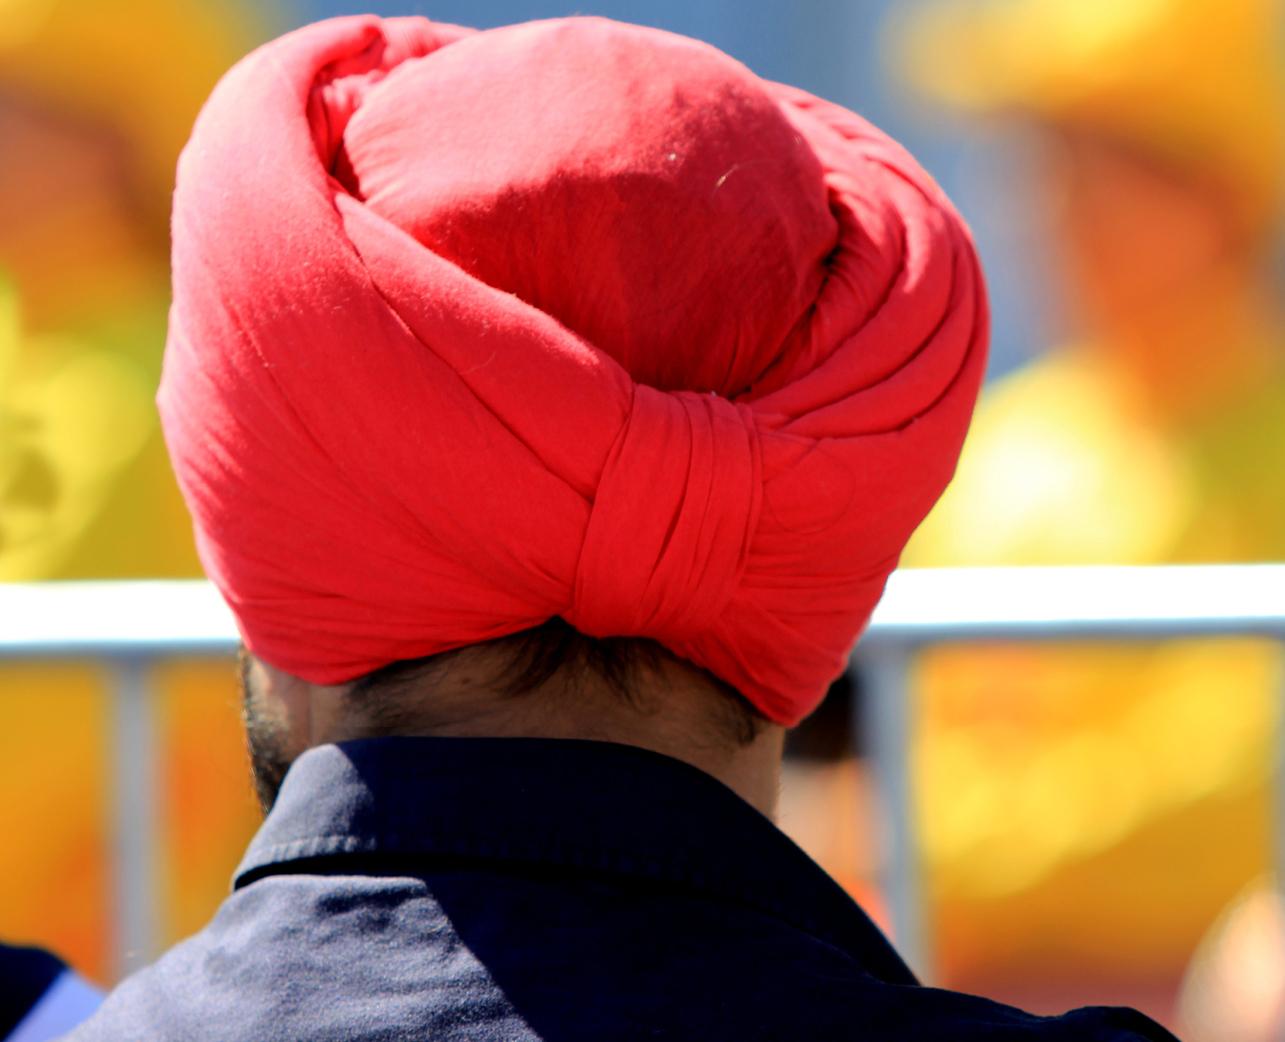 Sikhism Society